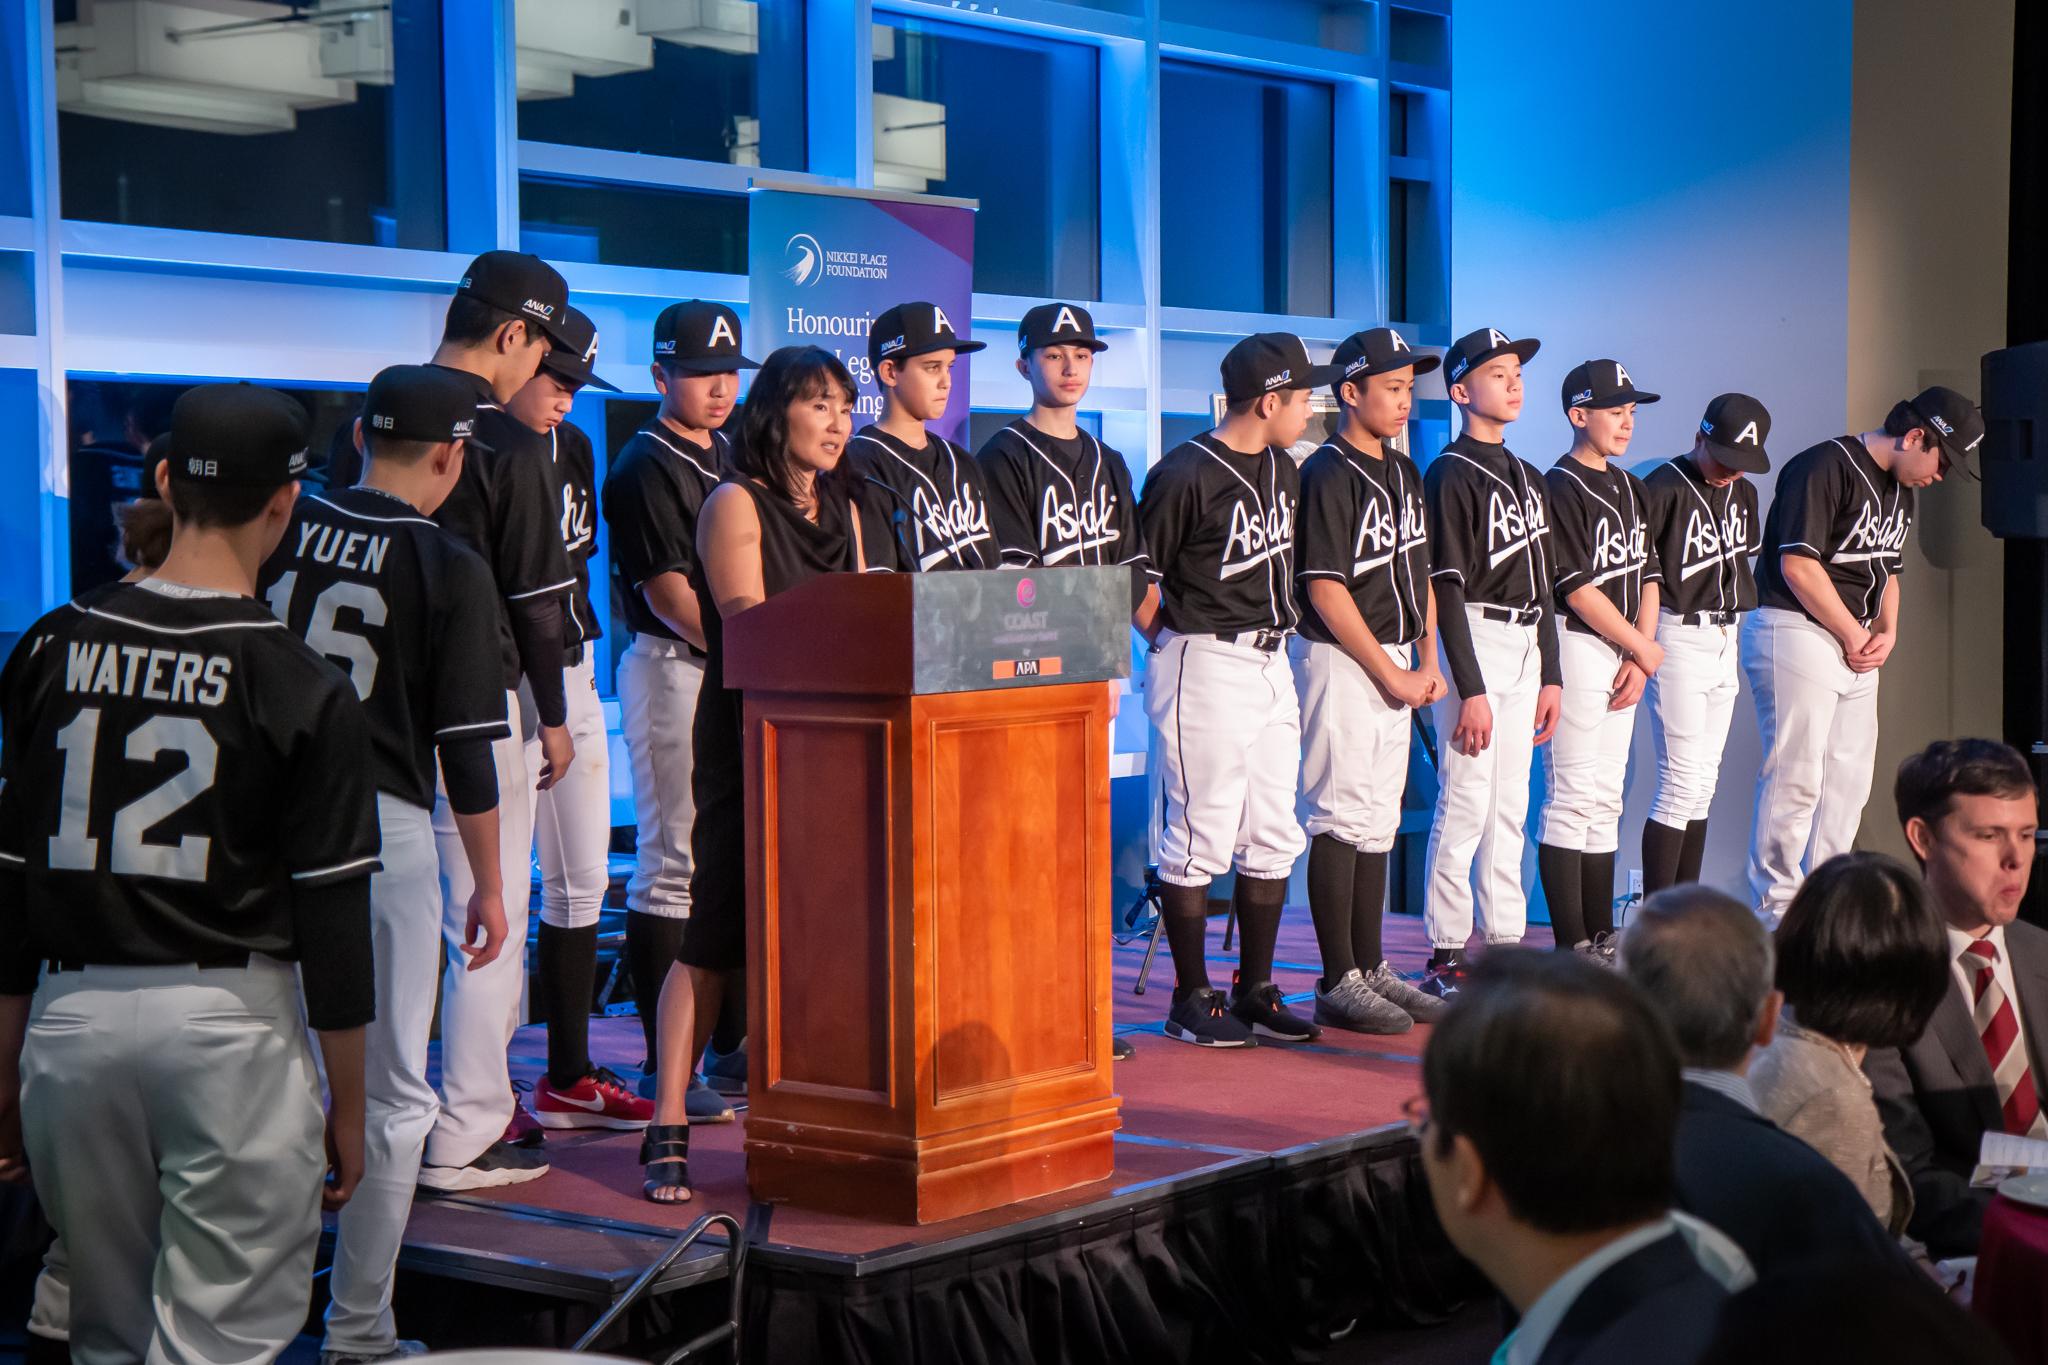 Emiko Ando of the Asahi Baseball Association accepts the Nikkei Youth Athletics Bursary on behalf of the Shin Asahi baseball team.